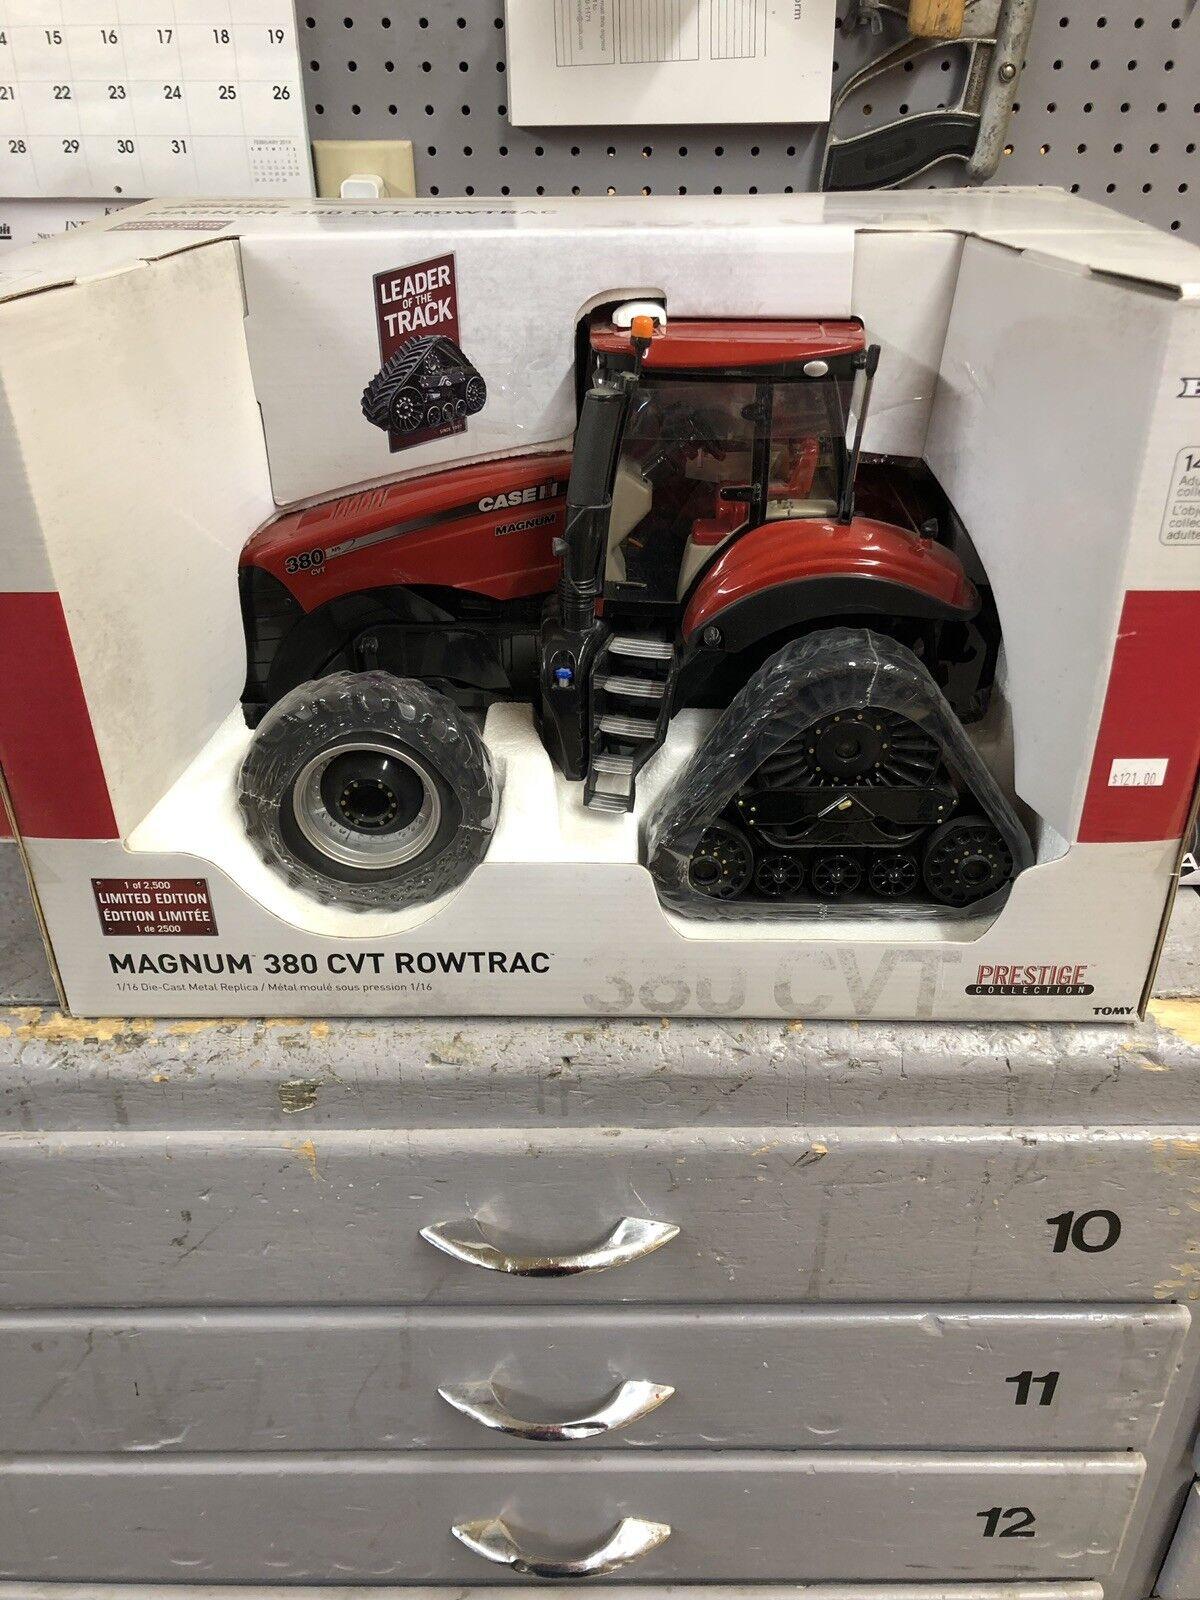 Juguete. Tractor. Case IH. Magnum 380 CVT rowtrac.